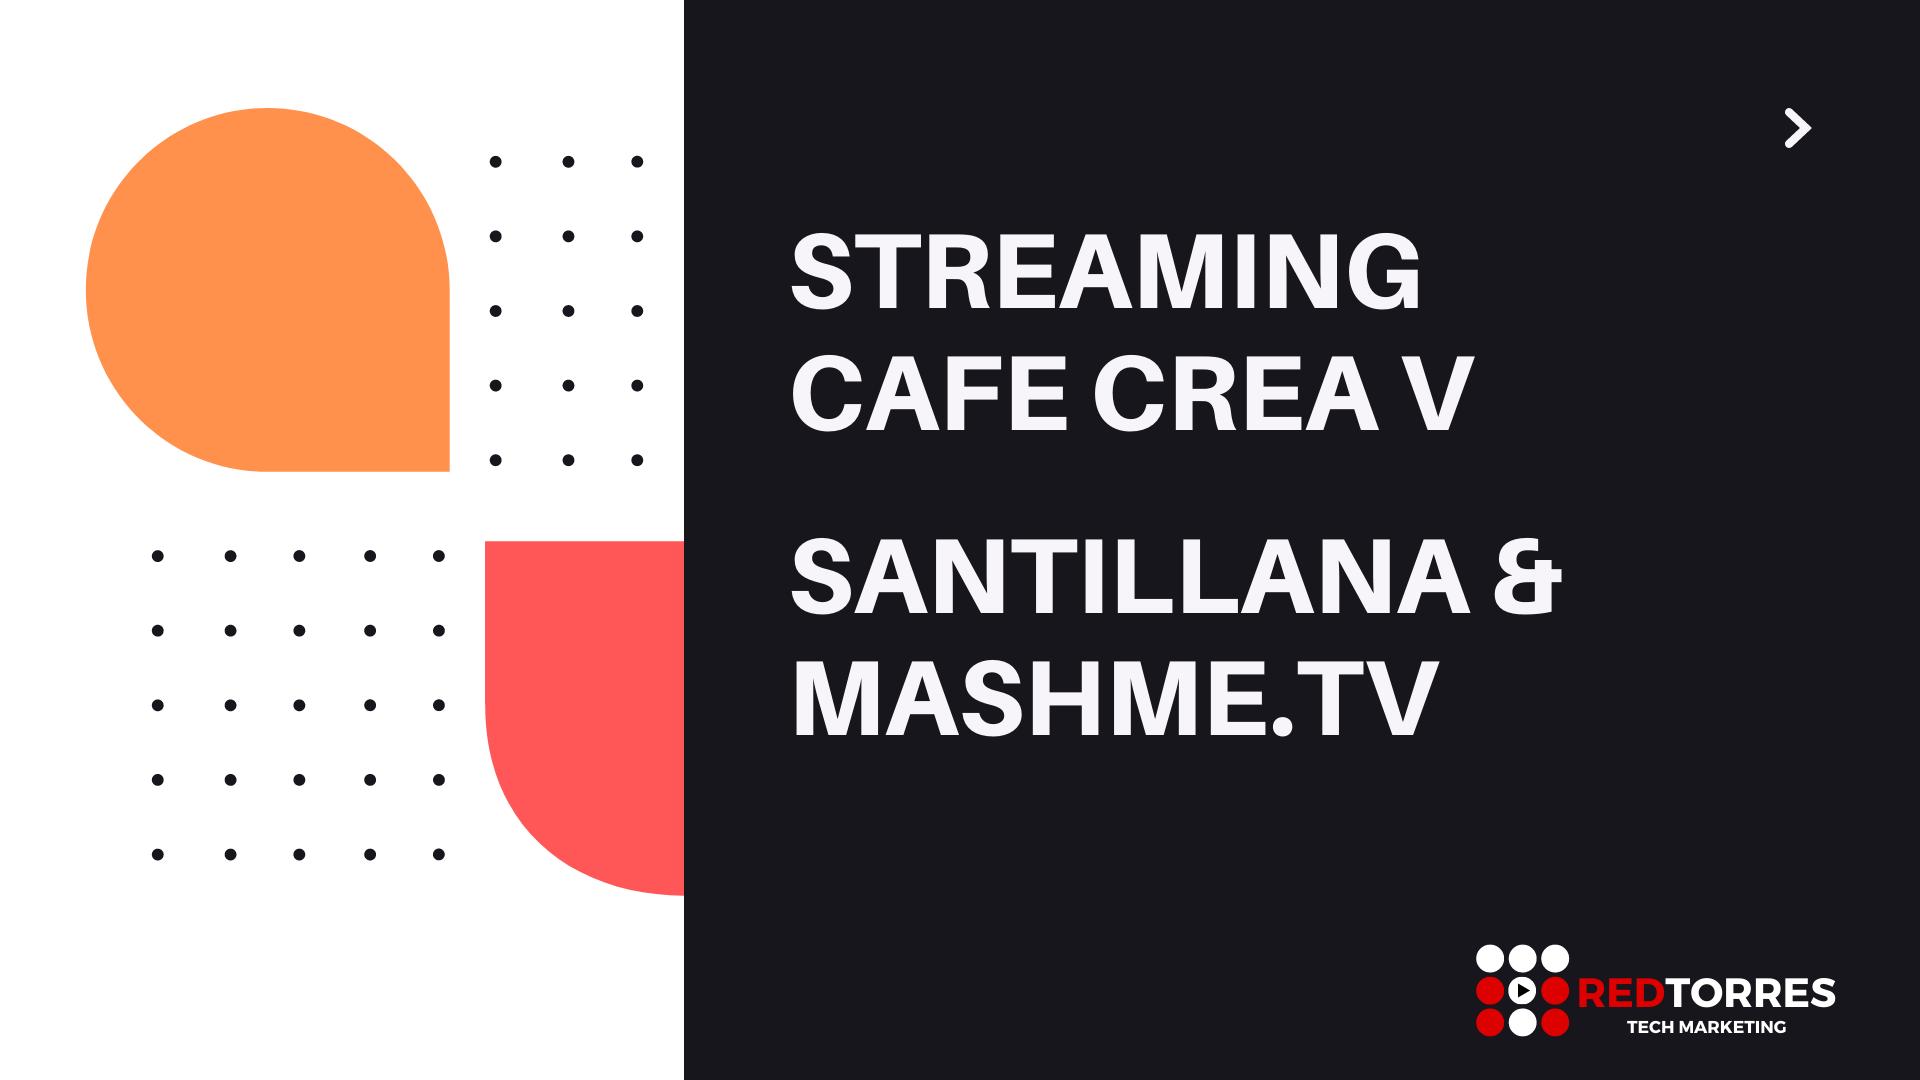 Streaming Cafe Crea de Santillana | Videoconferencia con Mashme.TV | REDTORRES